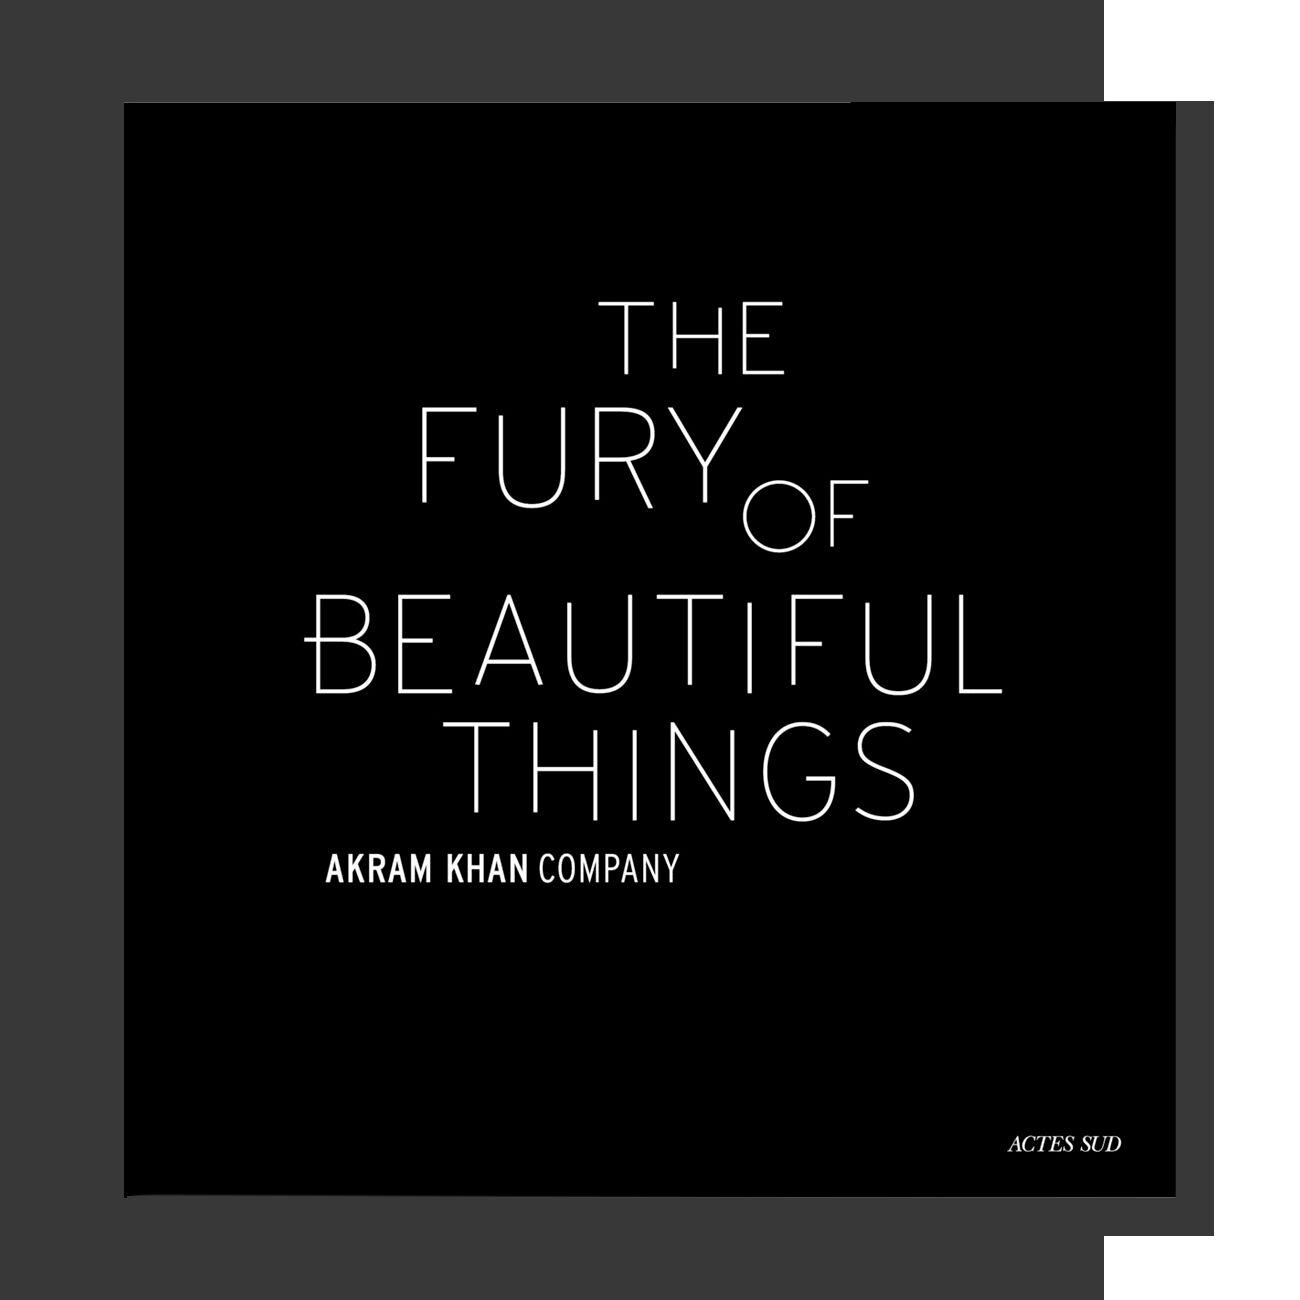 Akram Khan: The Fury of beautiful things